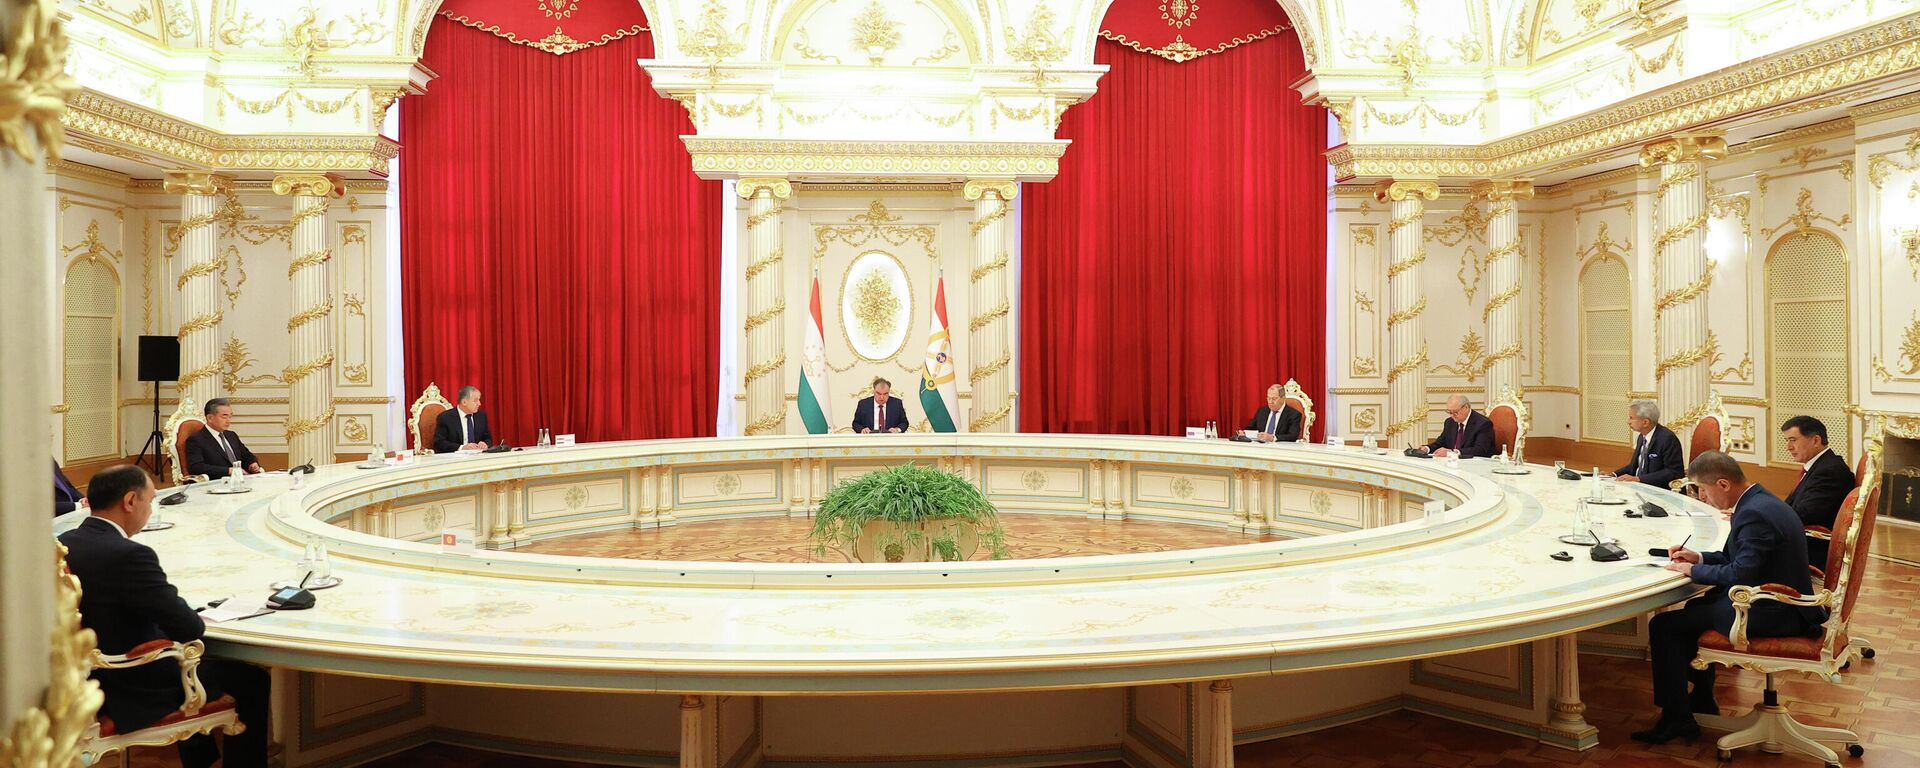 Заседание Совета министров иностранных дел государств - членов ШОС - Sputnik Тоҷикистон, 1920, 17.09.2021